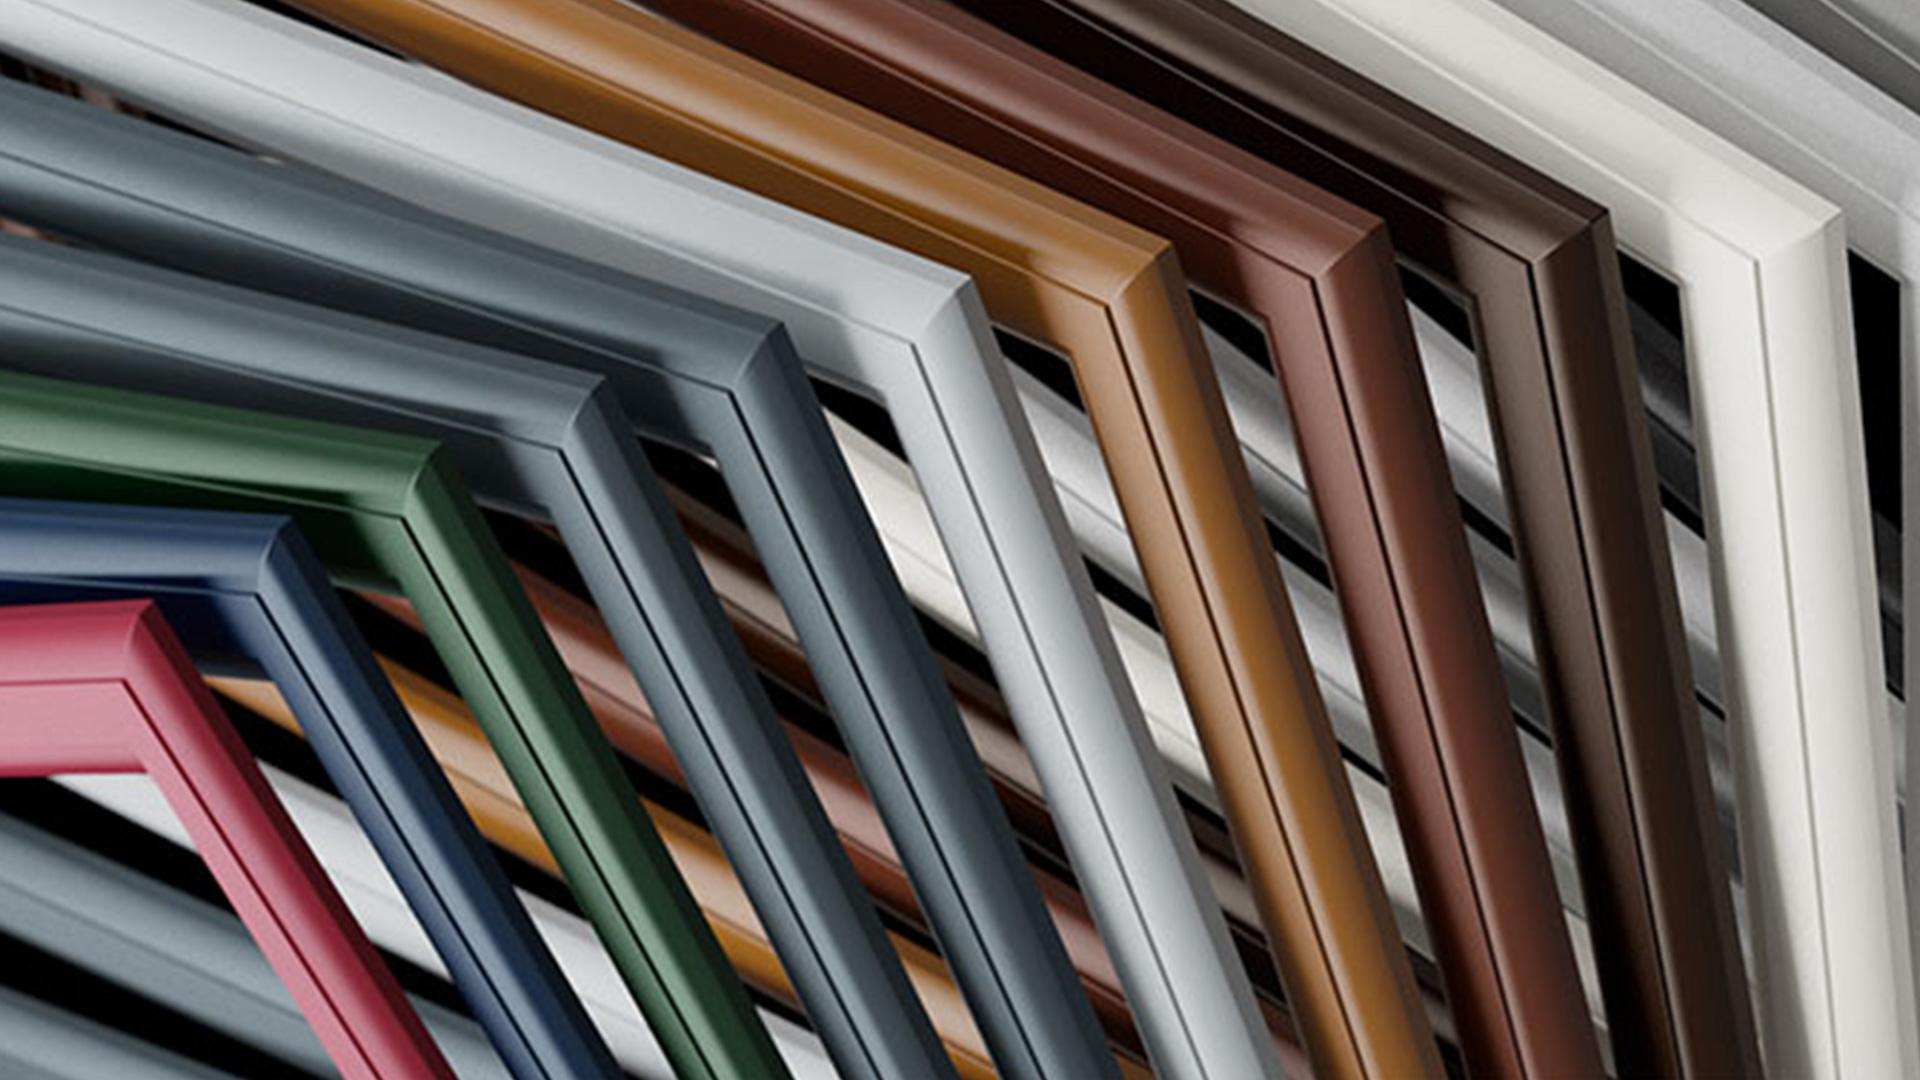 Holzrahmen in verschiedenen Farben